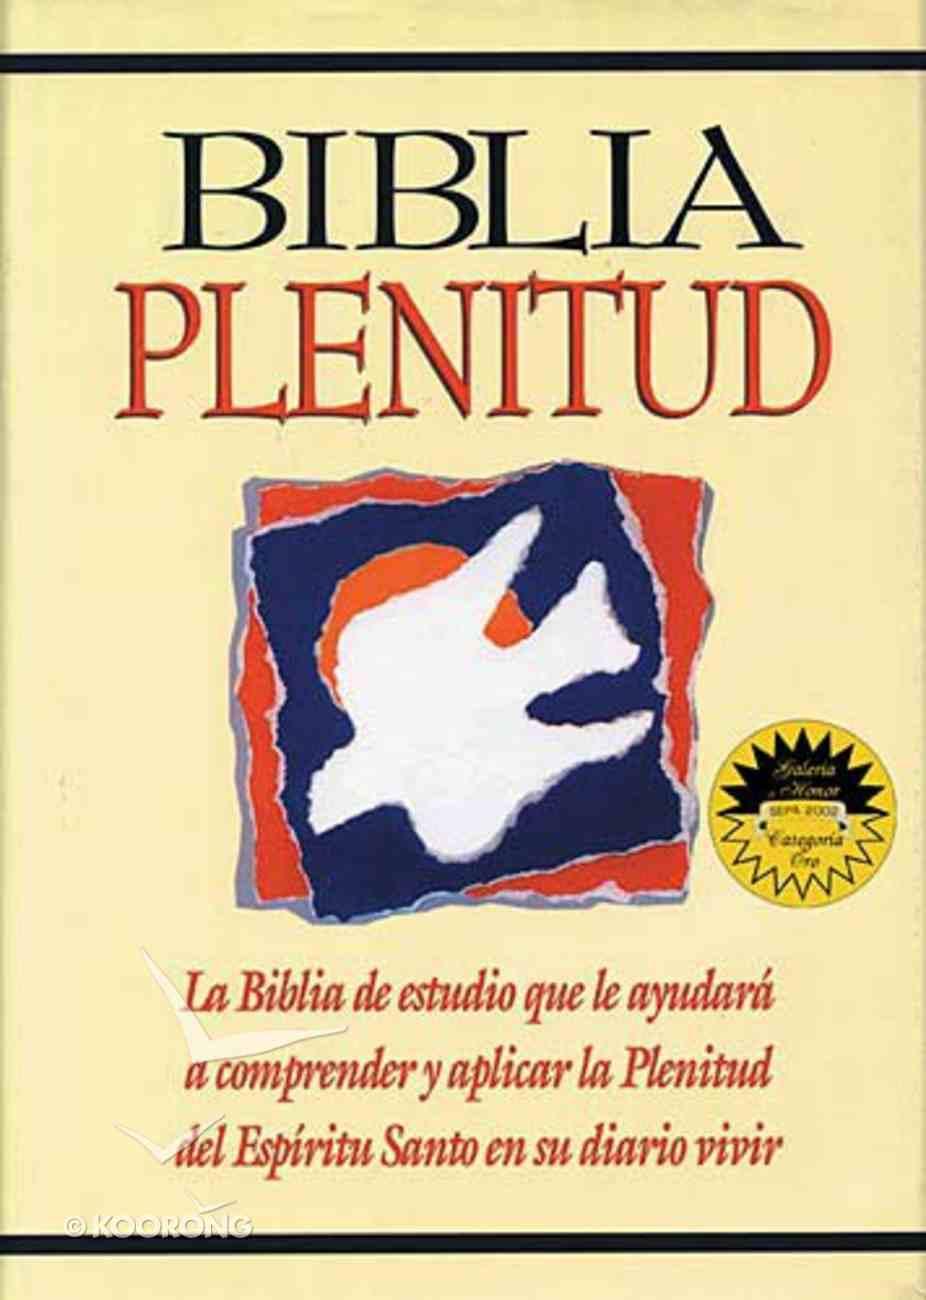 Rvr 1960 Biblia Plenitud Black (Red Letter Edition) (Spirit Filled Life Bible) Bonded Leather